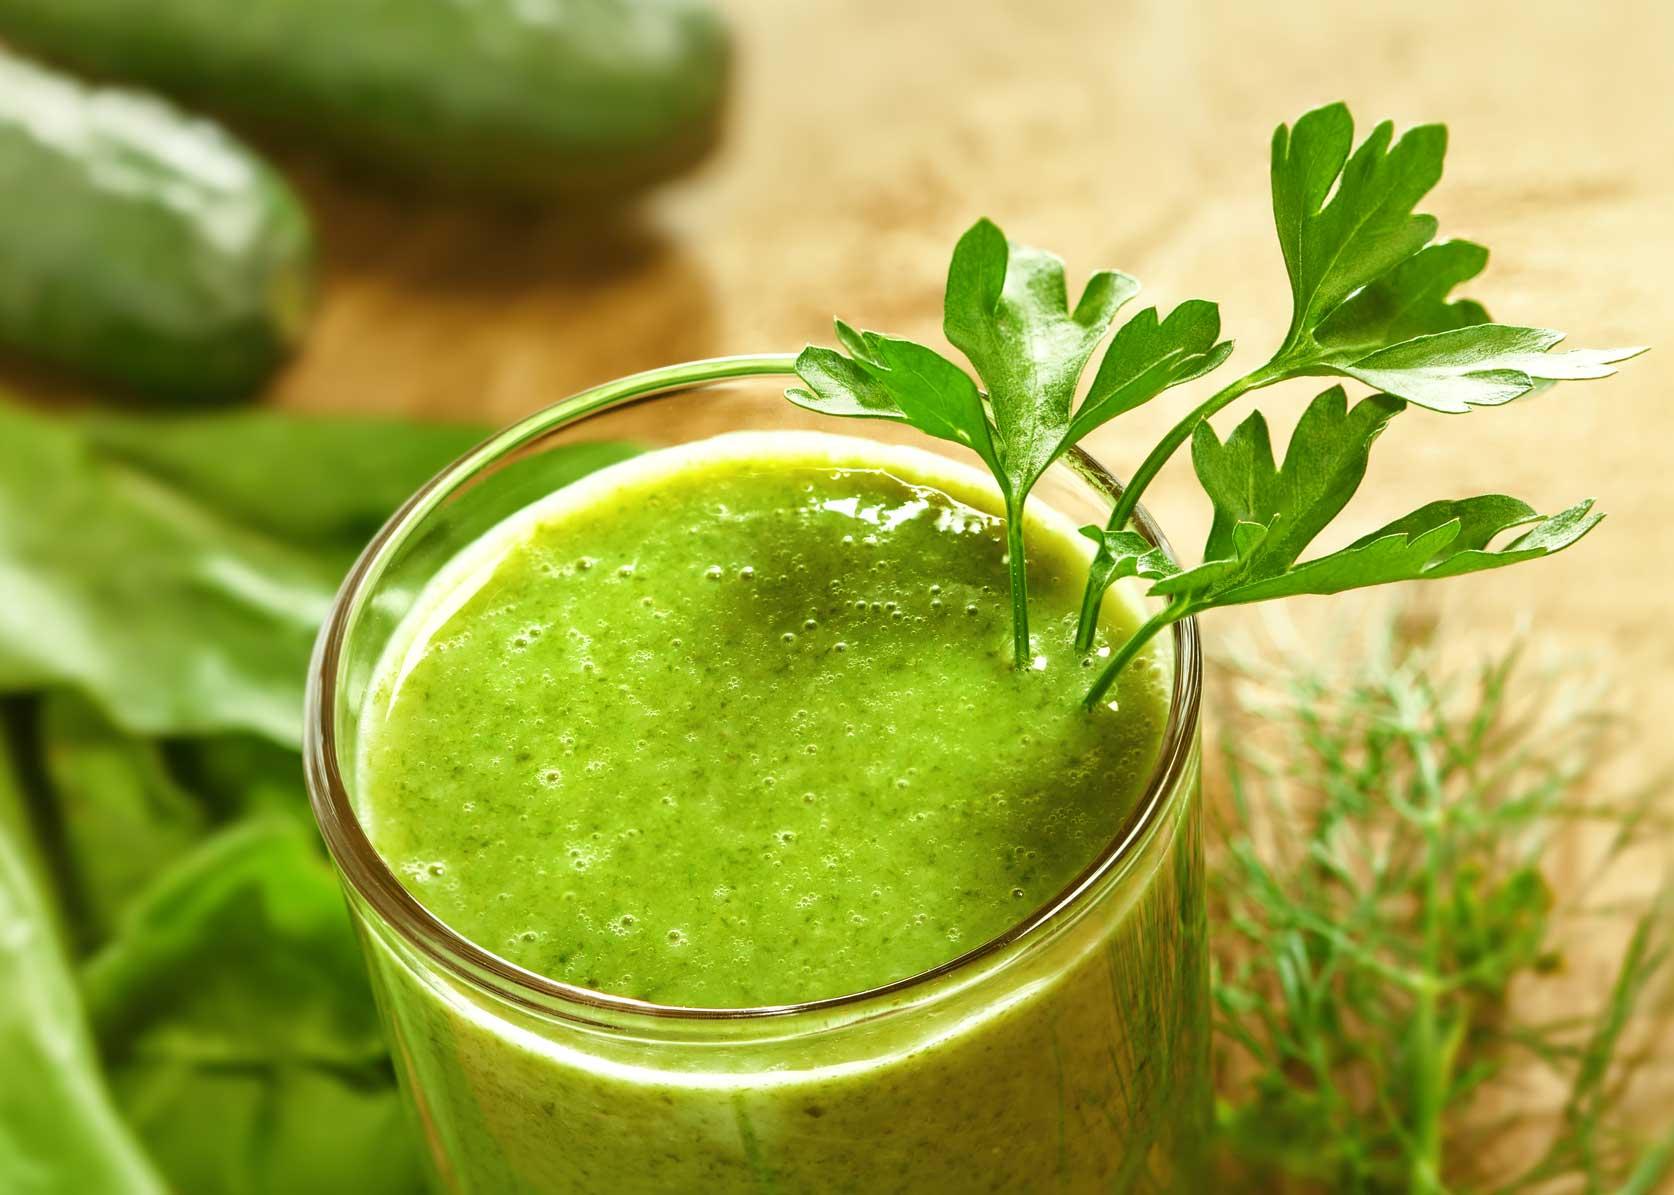 Сок петрушки: состав, польза, свойства, лечение и противопоказания. как приготовить сок петрушки. сок петрушки для лица